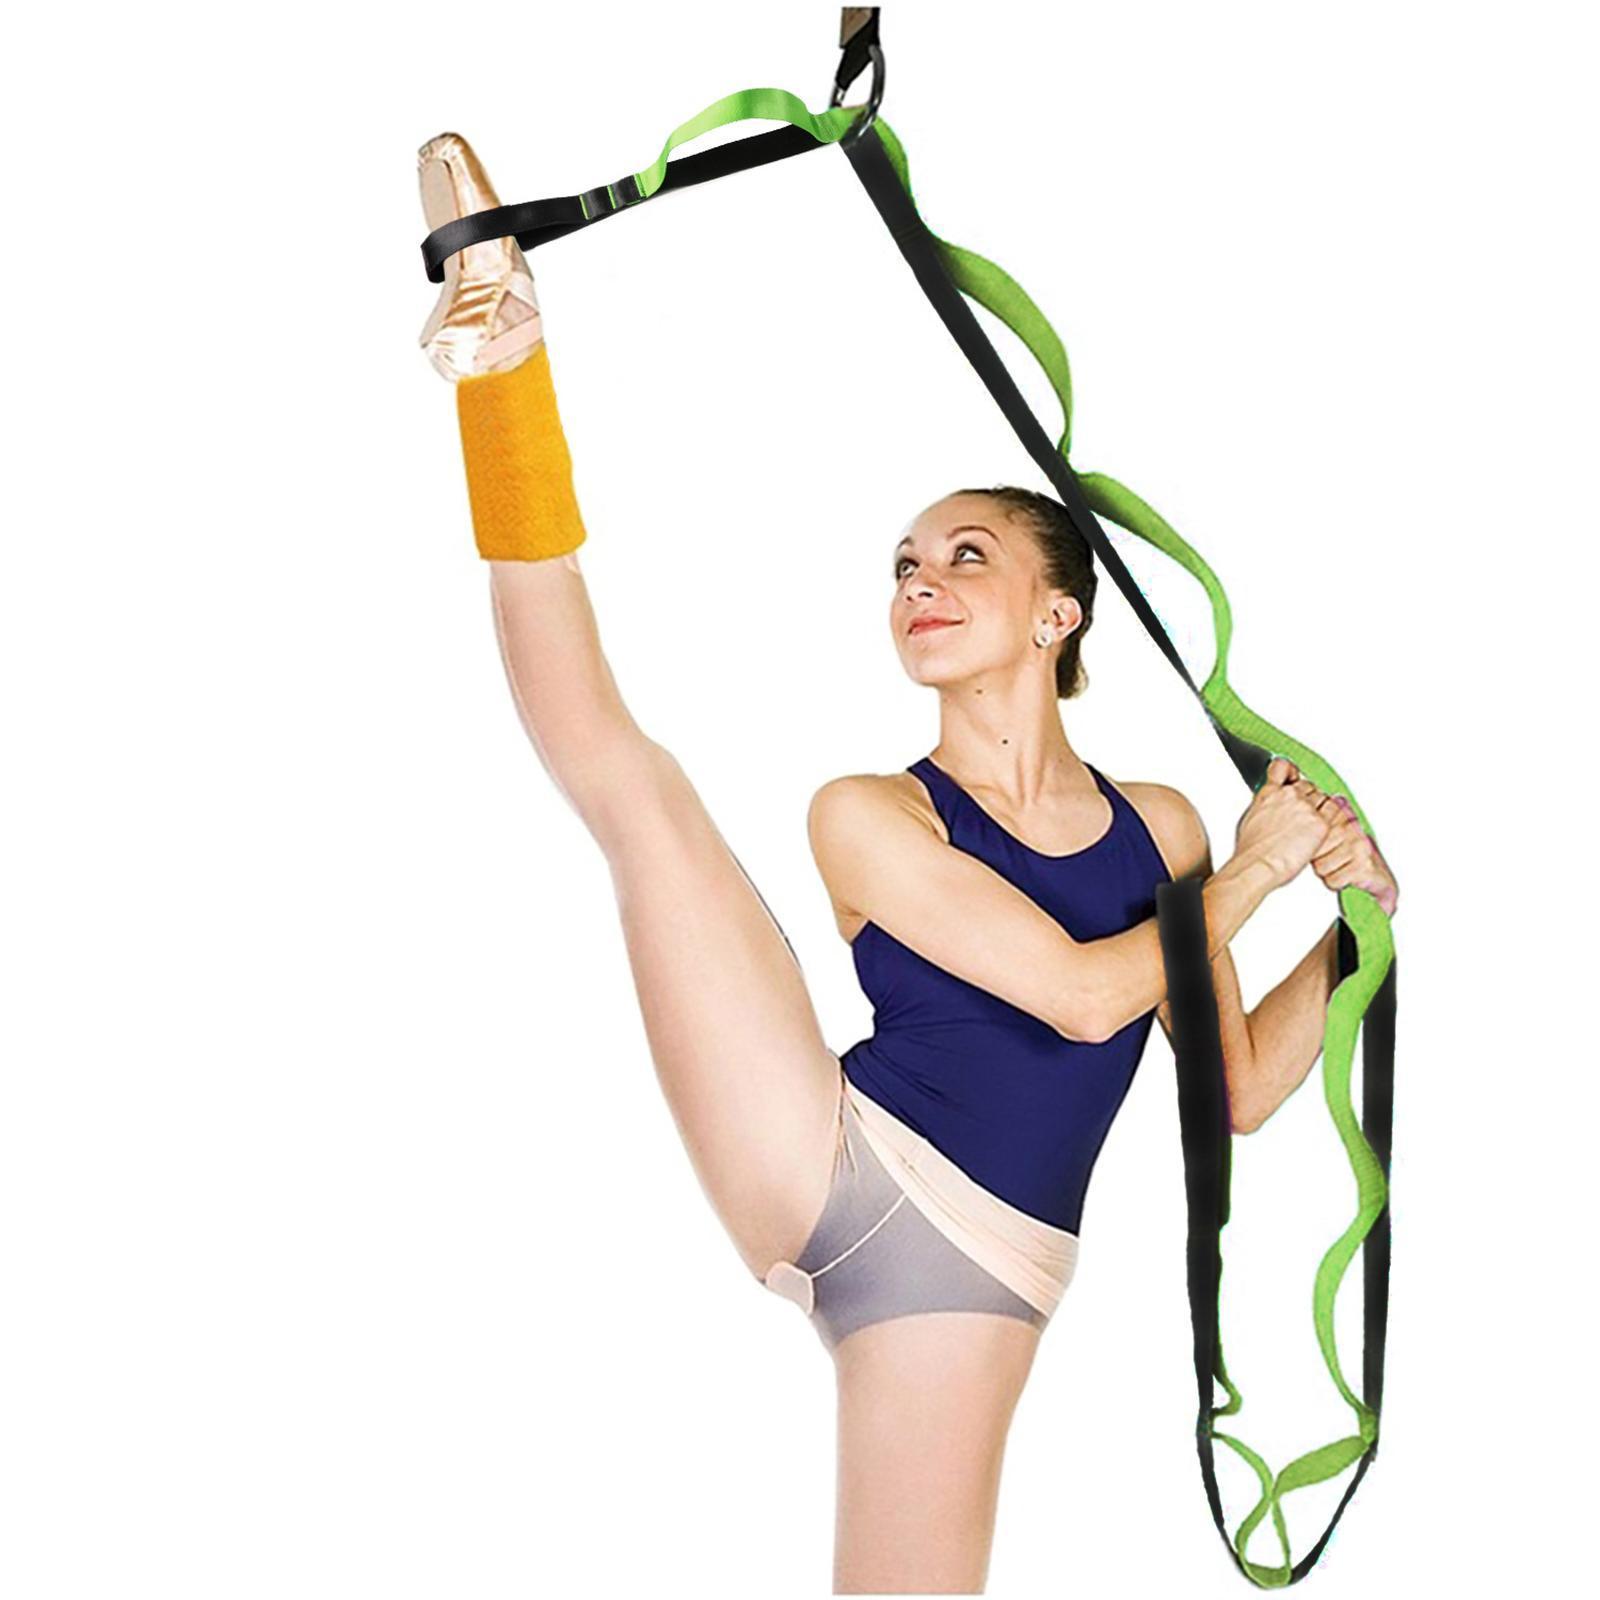 miniatura 16 - Pierna camilla yoga Stretch Strap Latin Dance Gymnastic pull cinturón flexibilidad